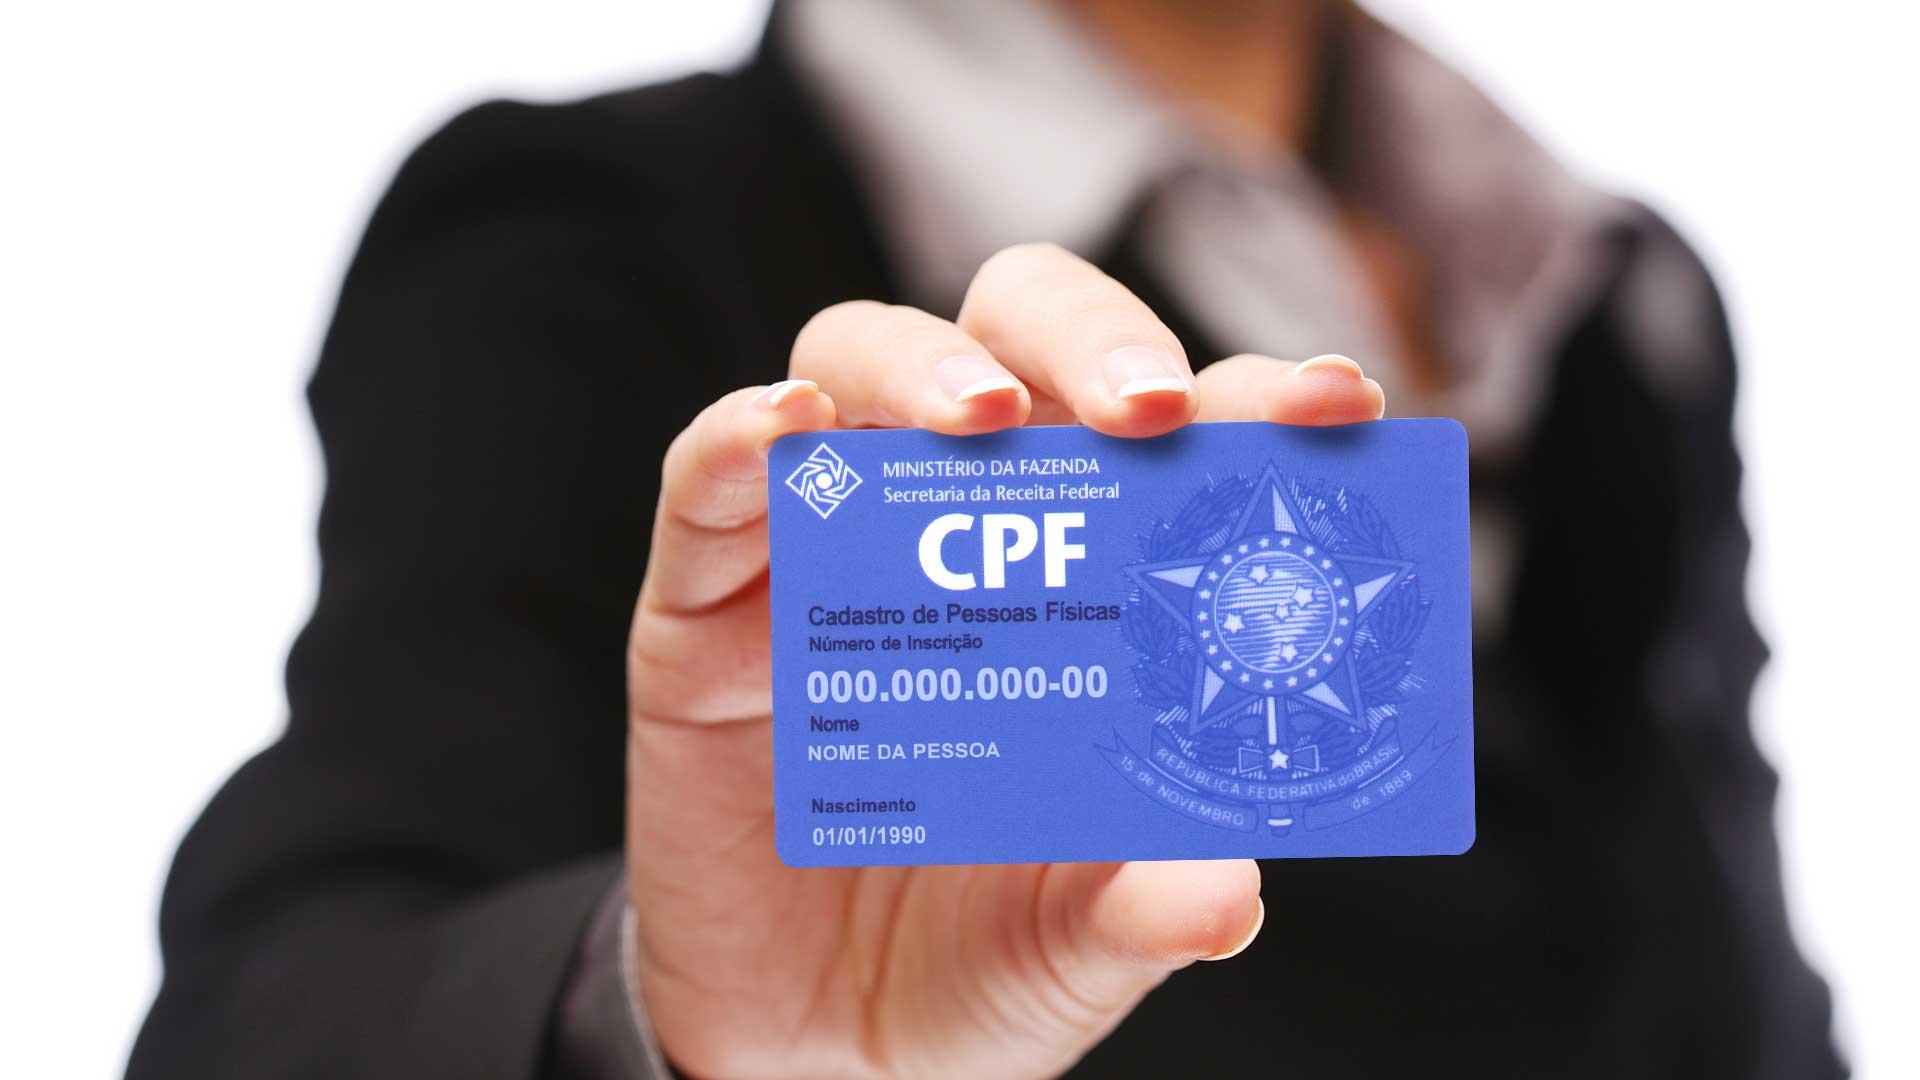 CPF - AGORA PODE: Órgãos federais aceitam CPF como documento de identificação